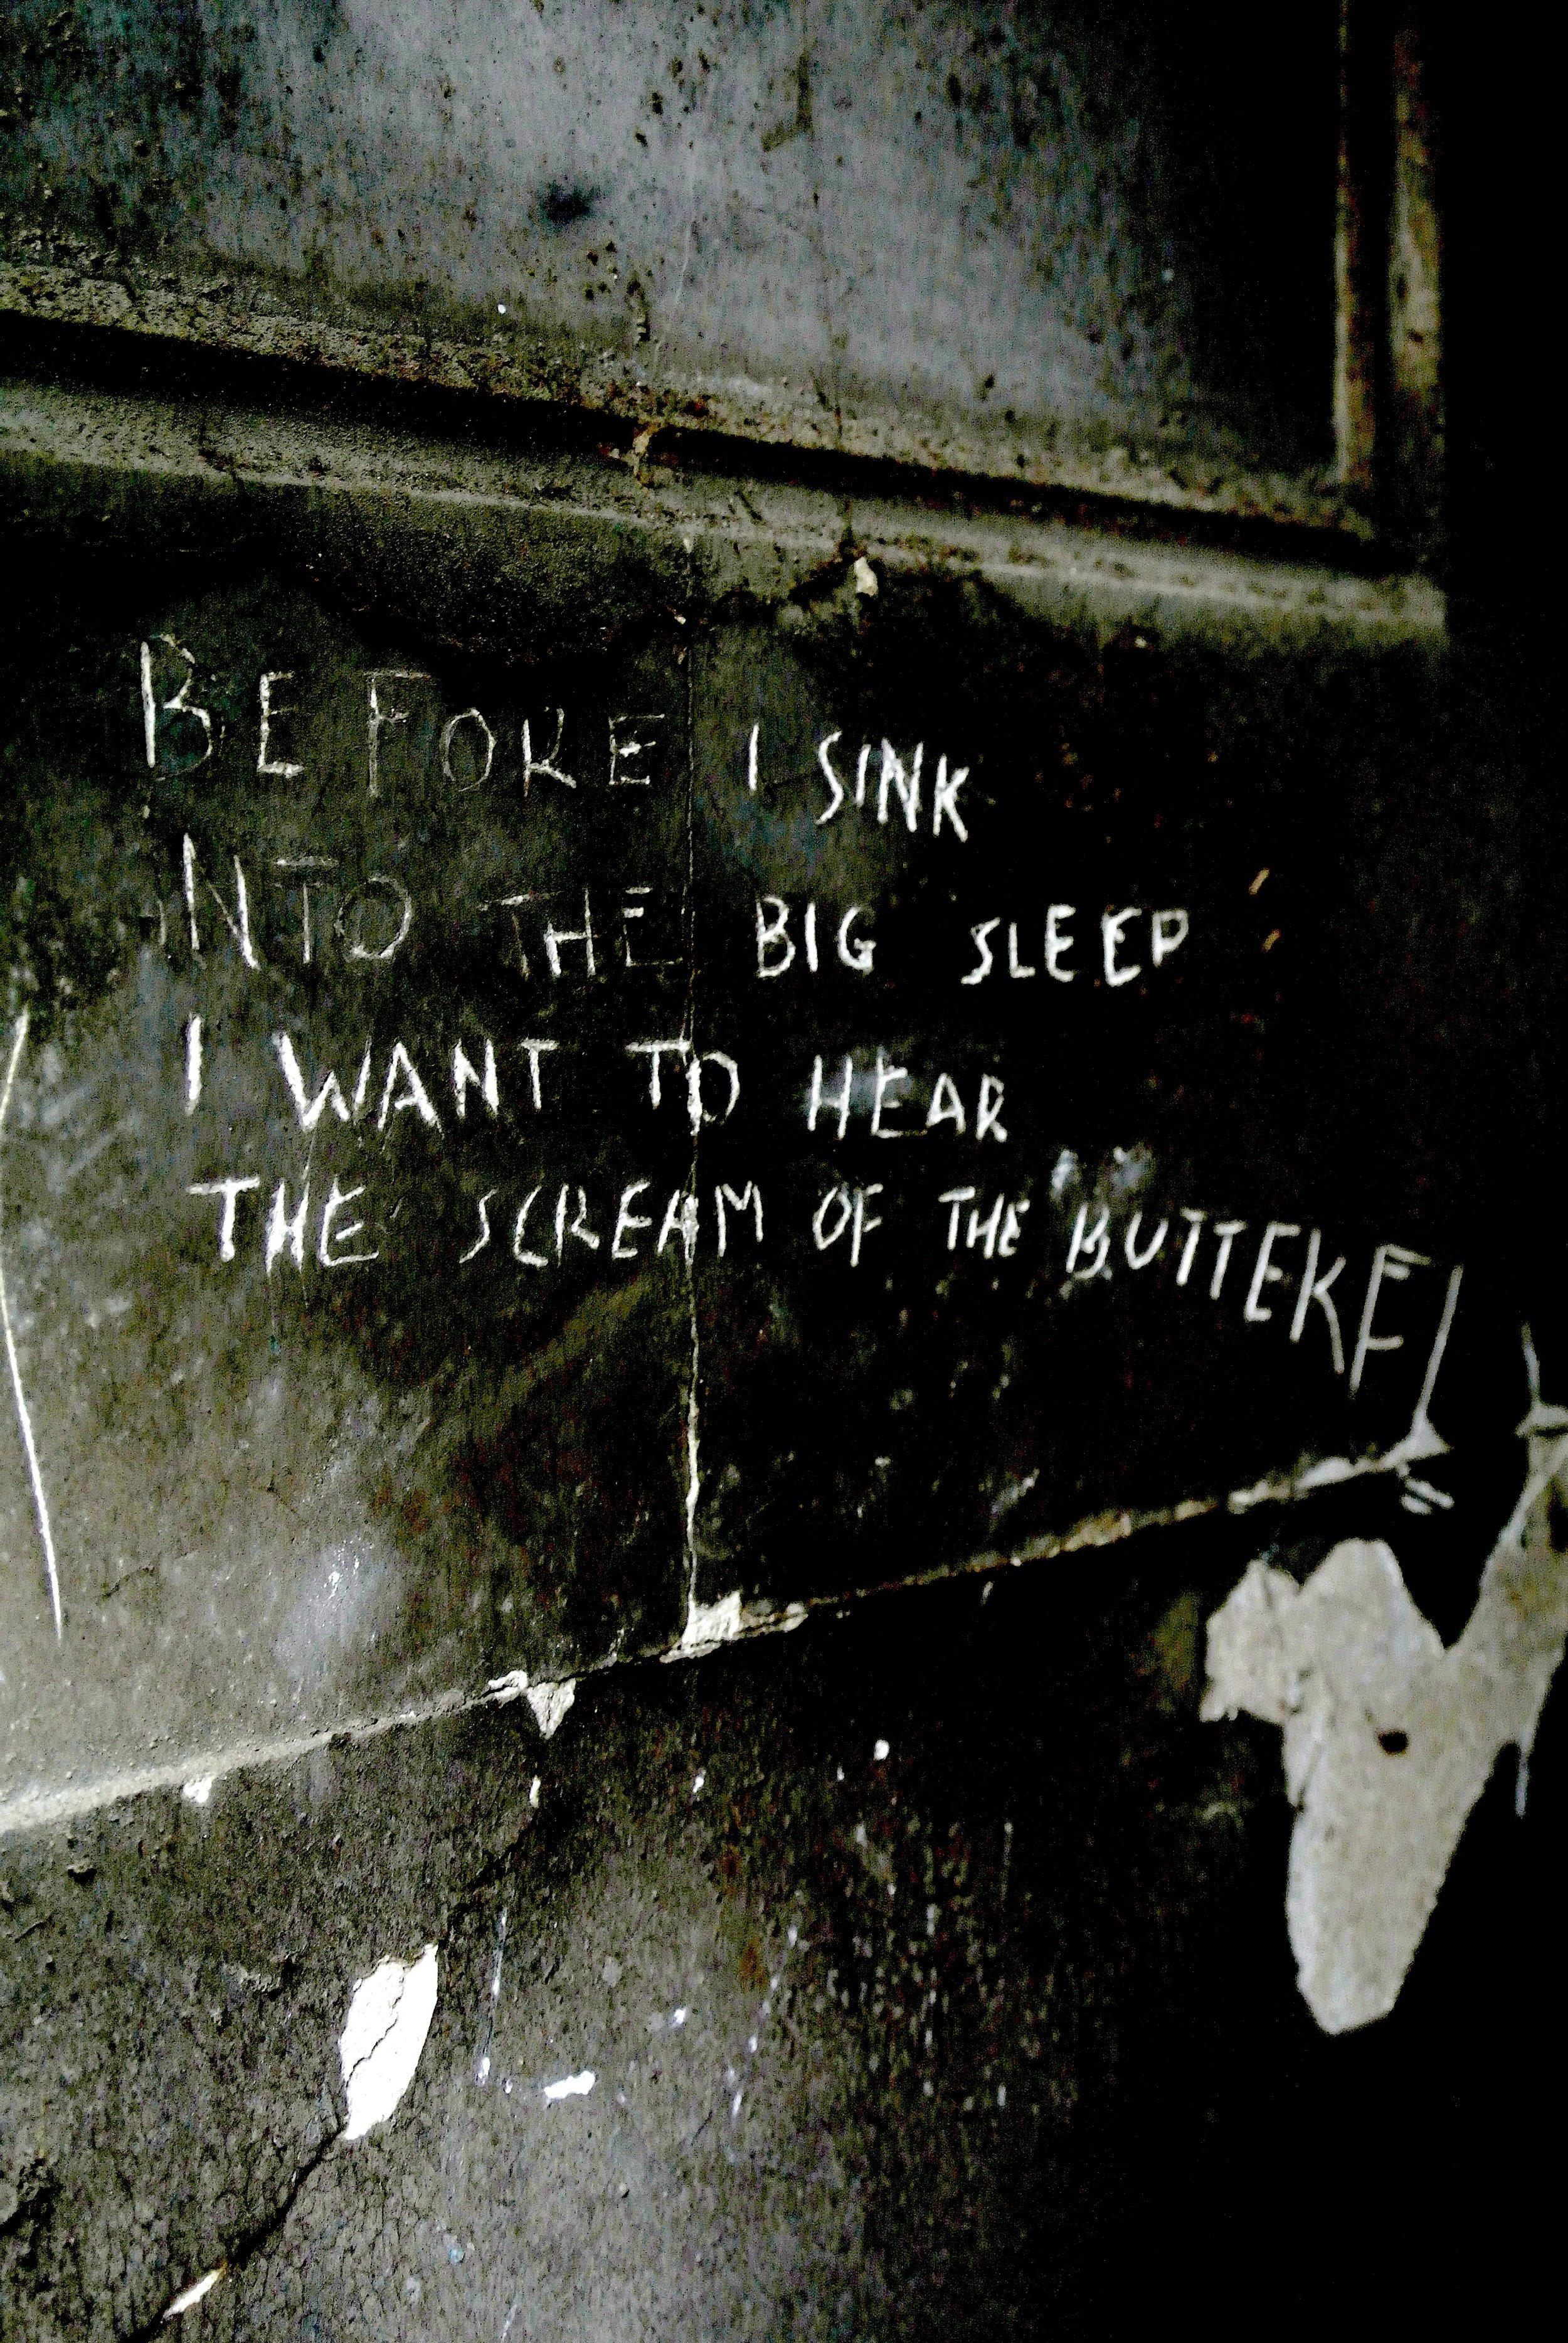 graffitigrave.JPG